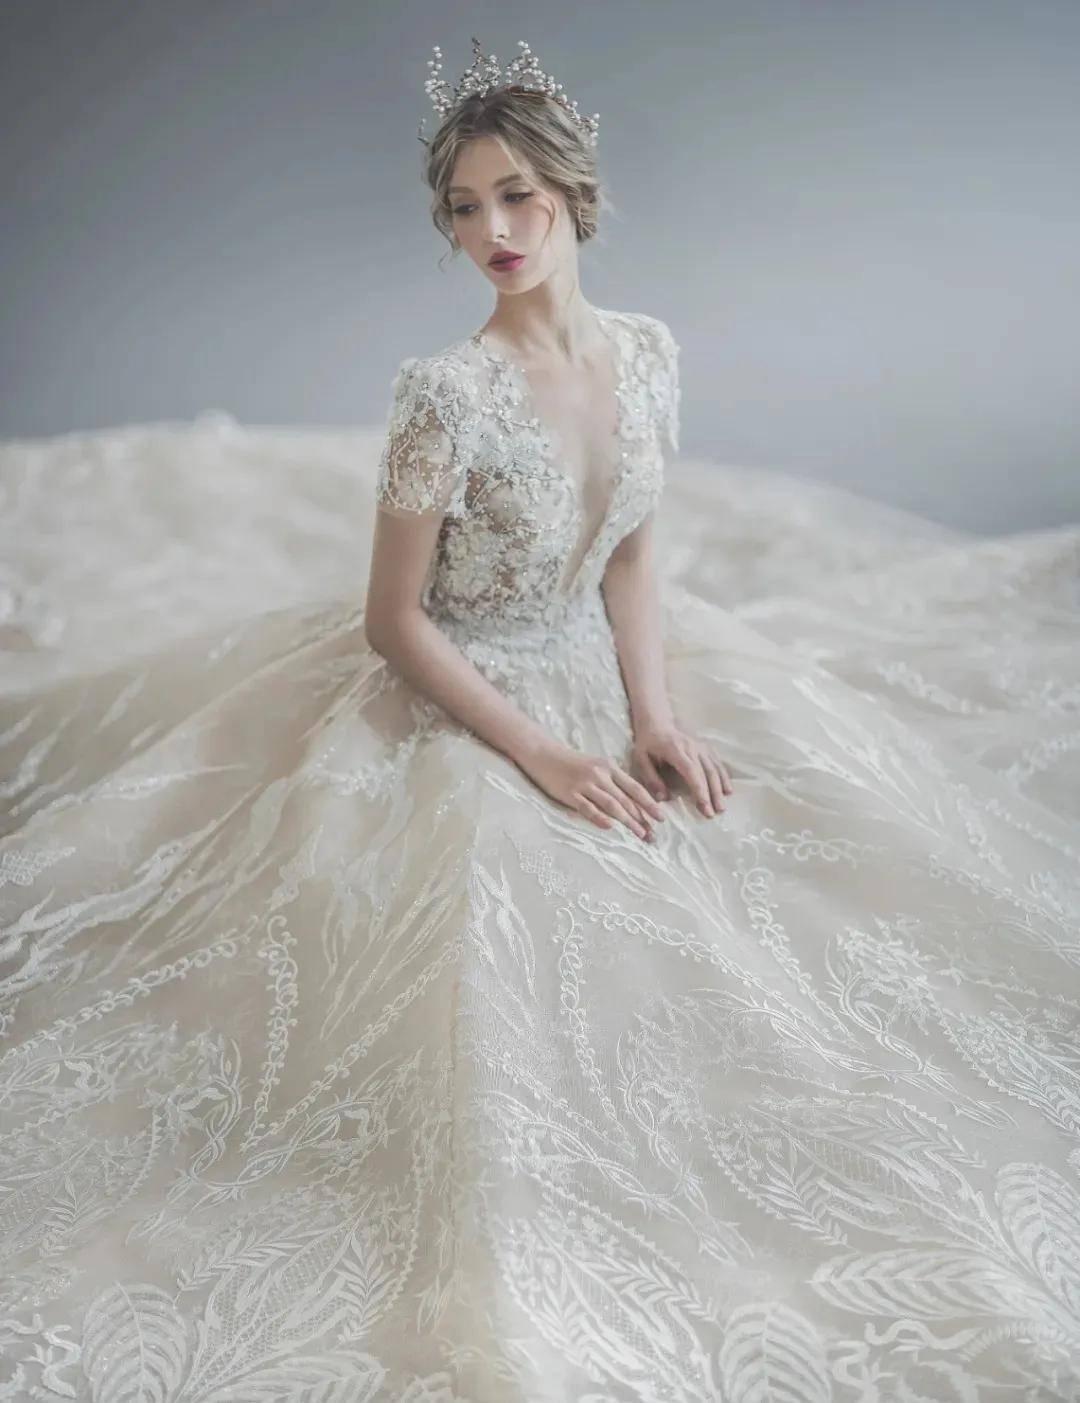 500㎡展厅,60多个婚纱品牌,她把全世界绝美的婚纱都搬到了这里!